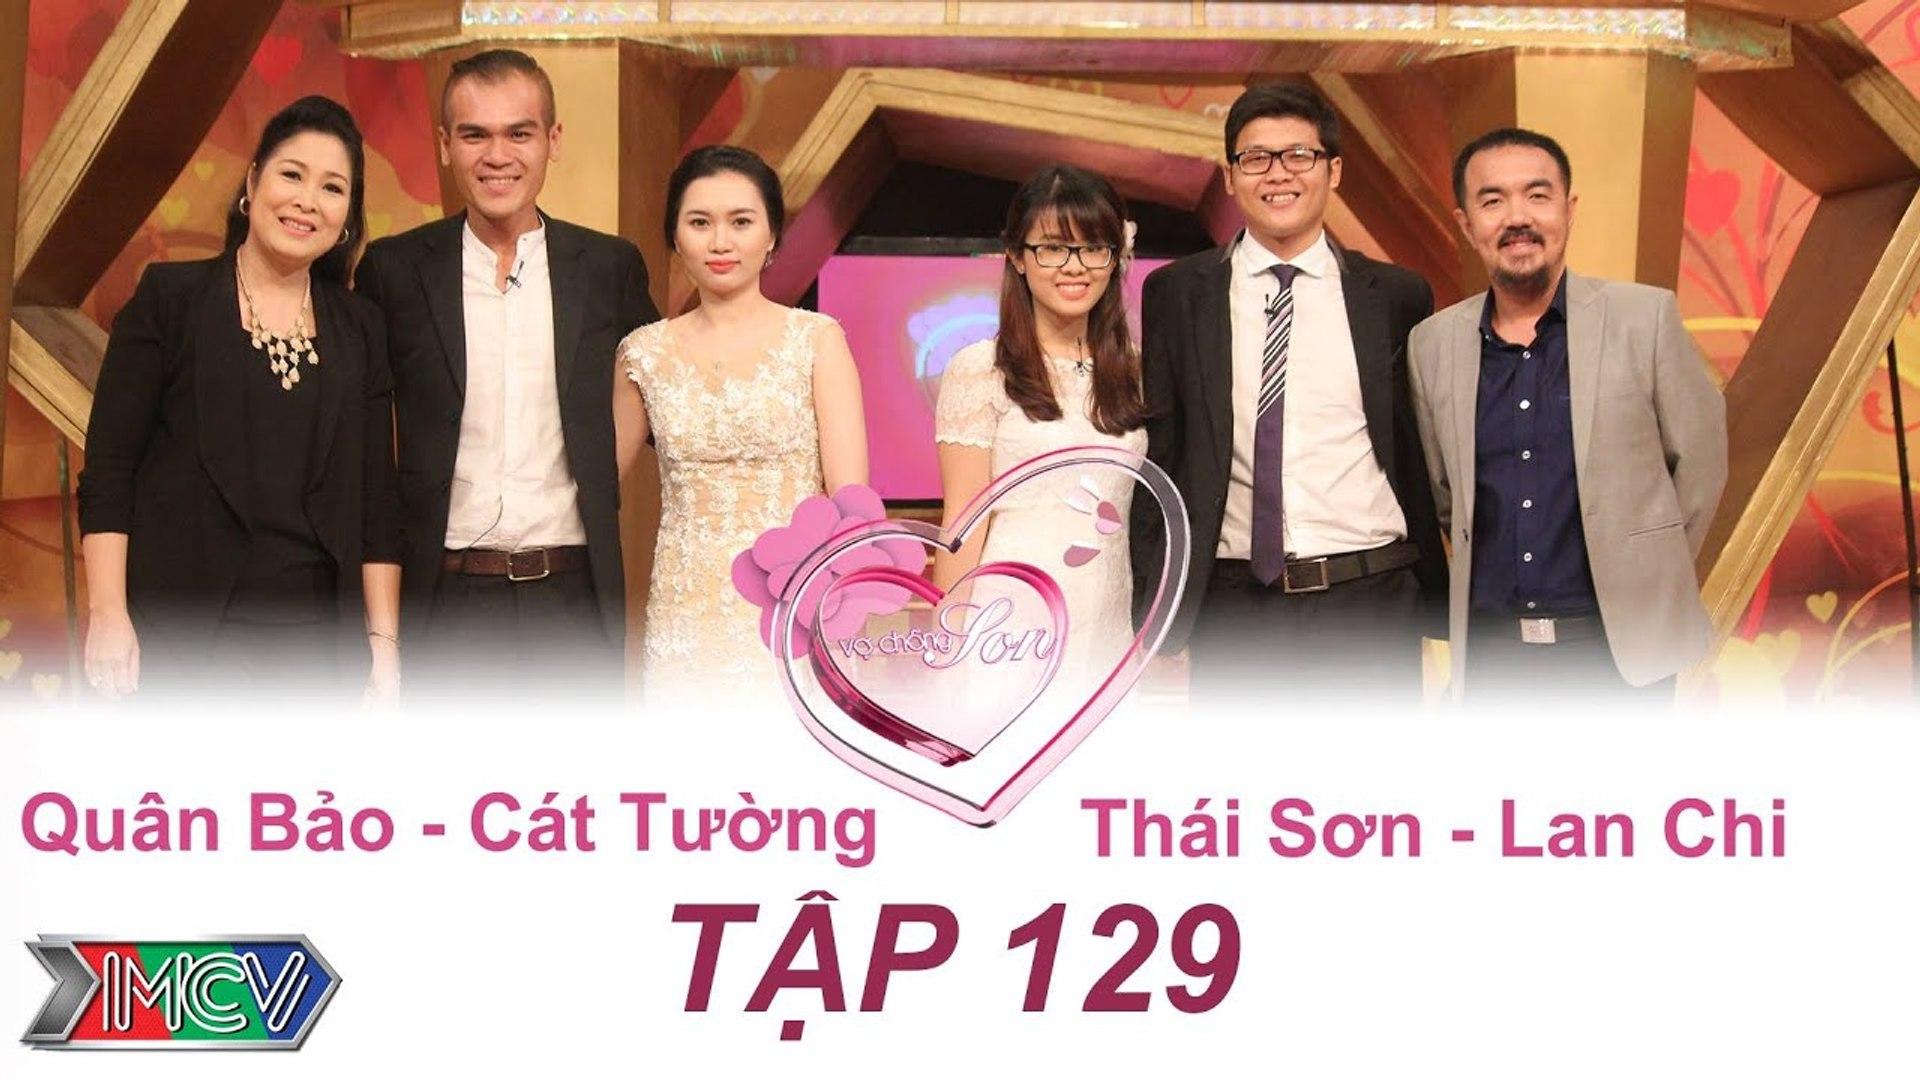 VỢ CHỒNG SON - Tập 129 _ Quân Bảo - Cát Tường _ Thái Sơn - Lan Chi